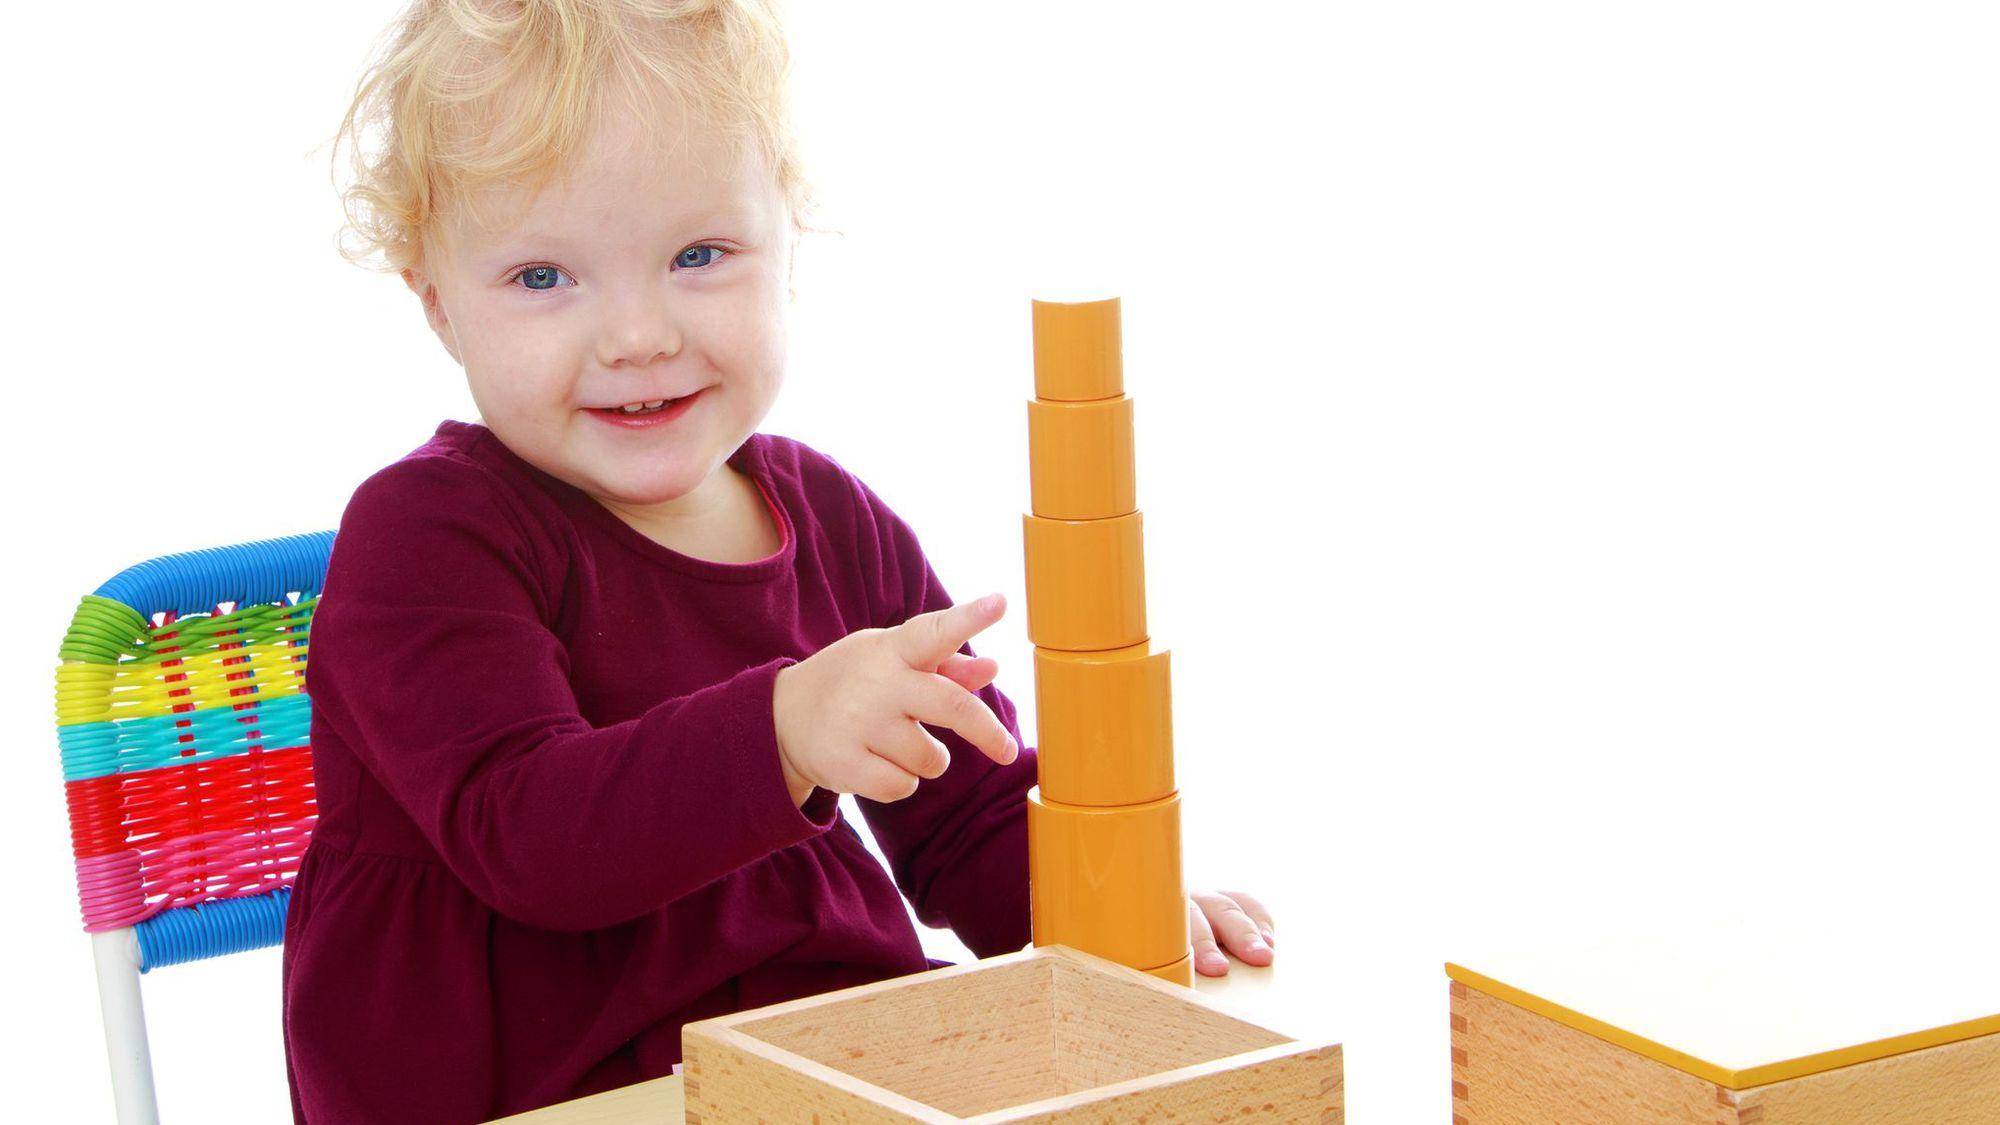 La pédagogie Montessori à la maison, c'est possible.